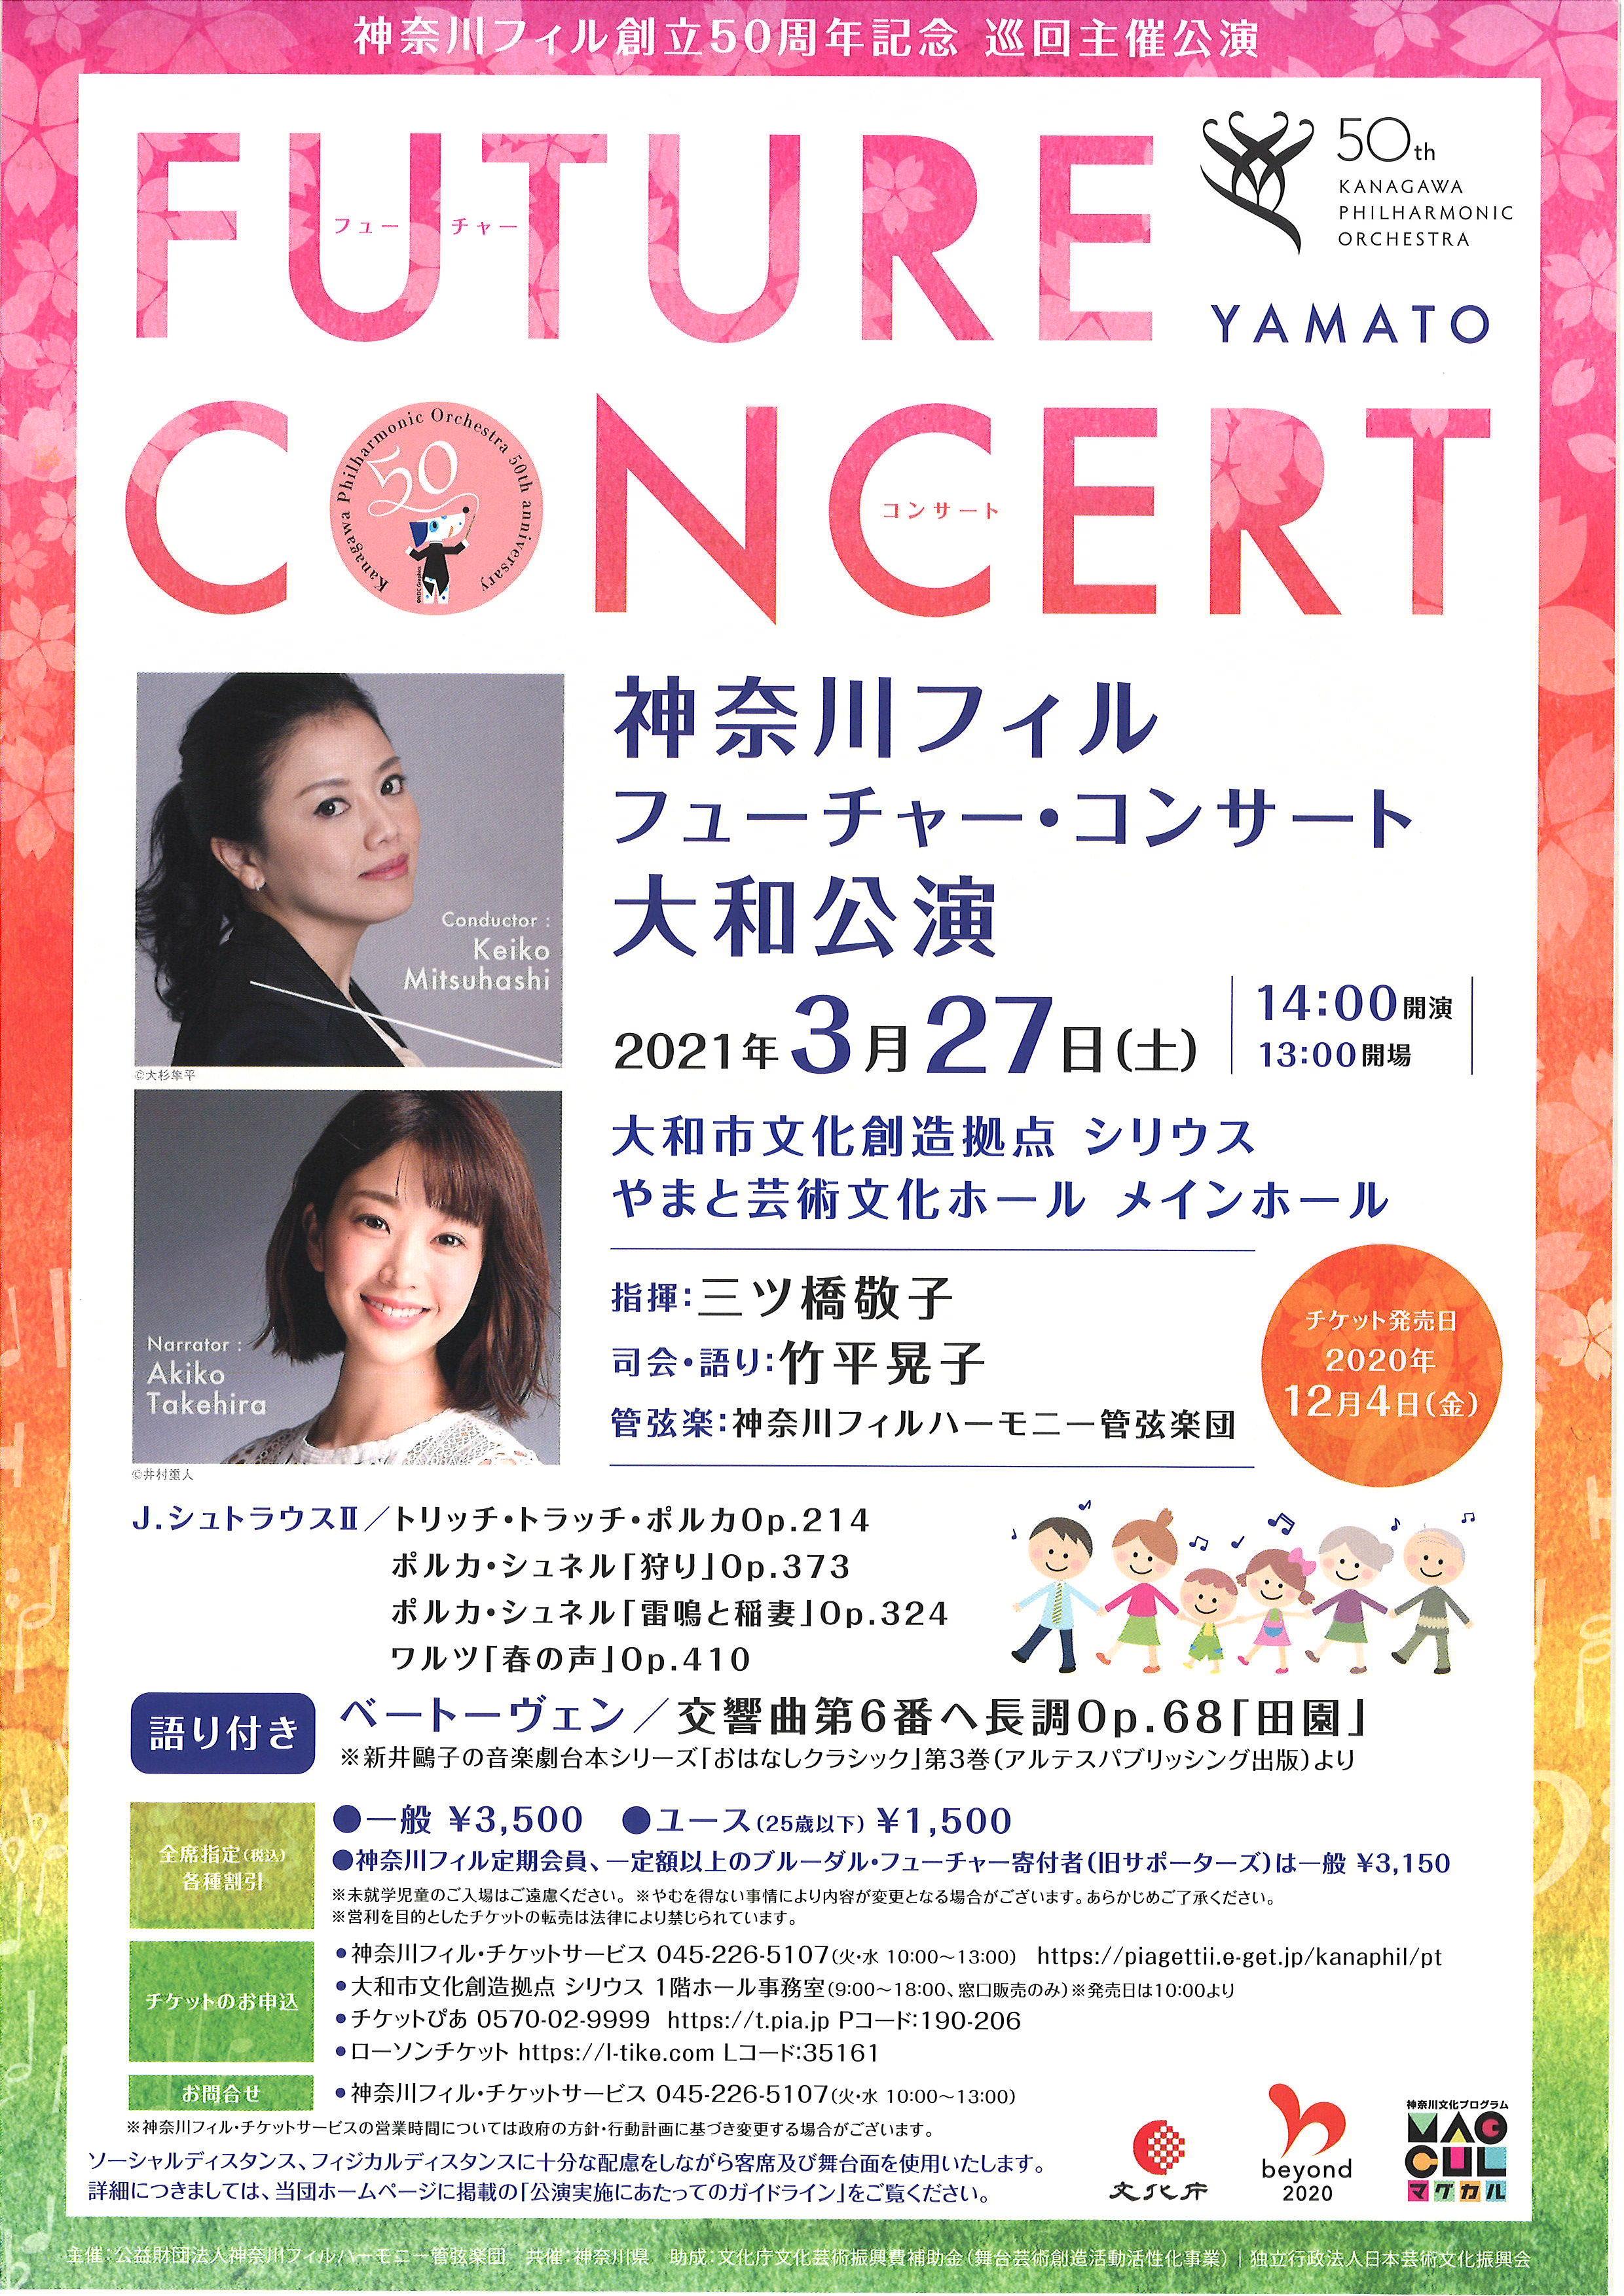 神奈川フィル フューチャー・コンサート大和公演